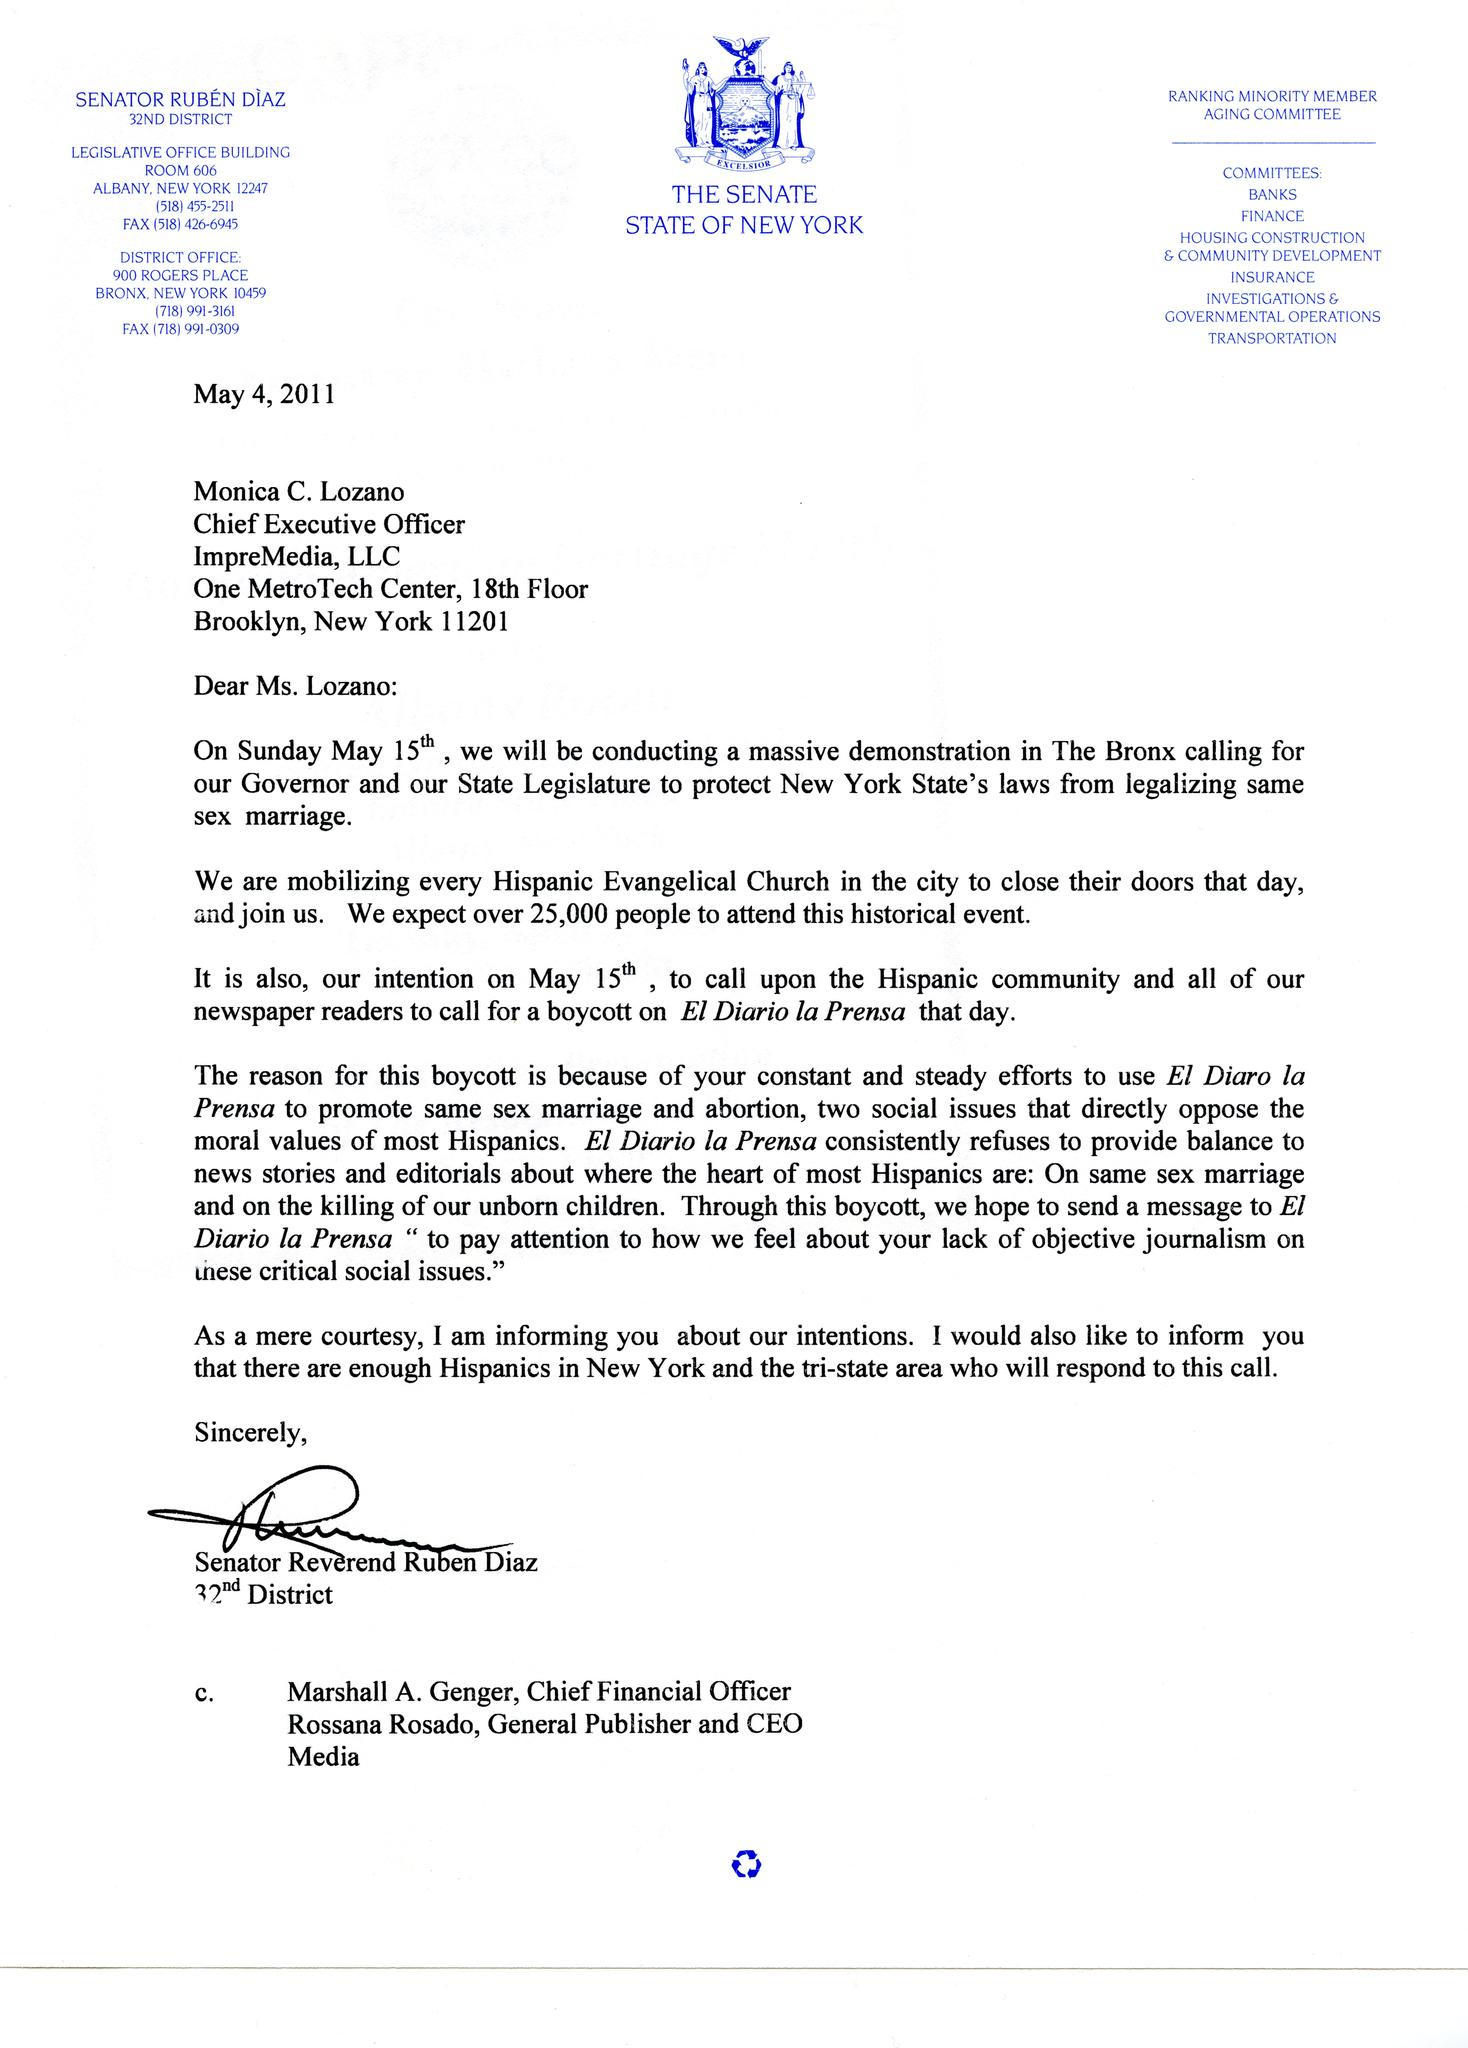 The boycott letter.